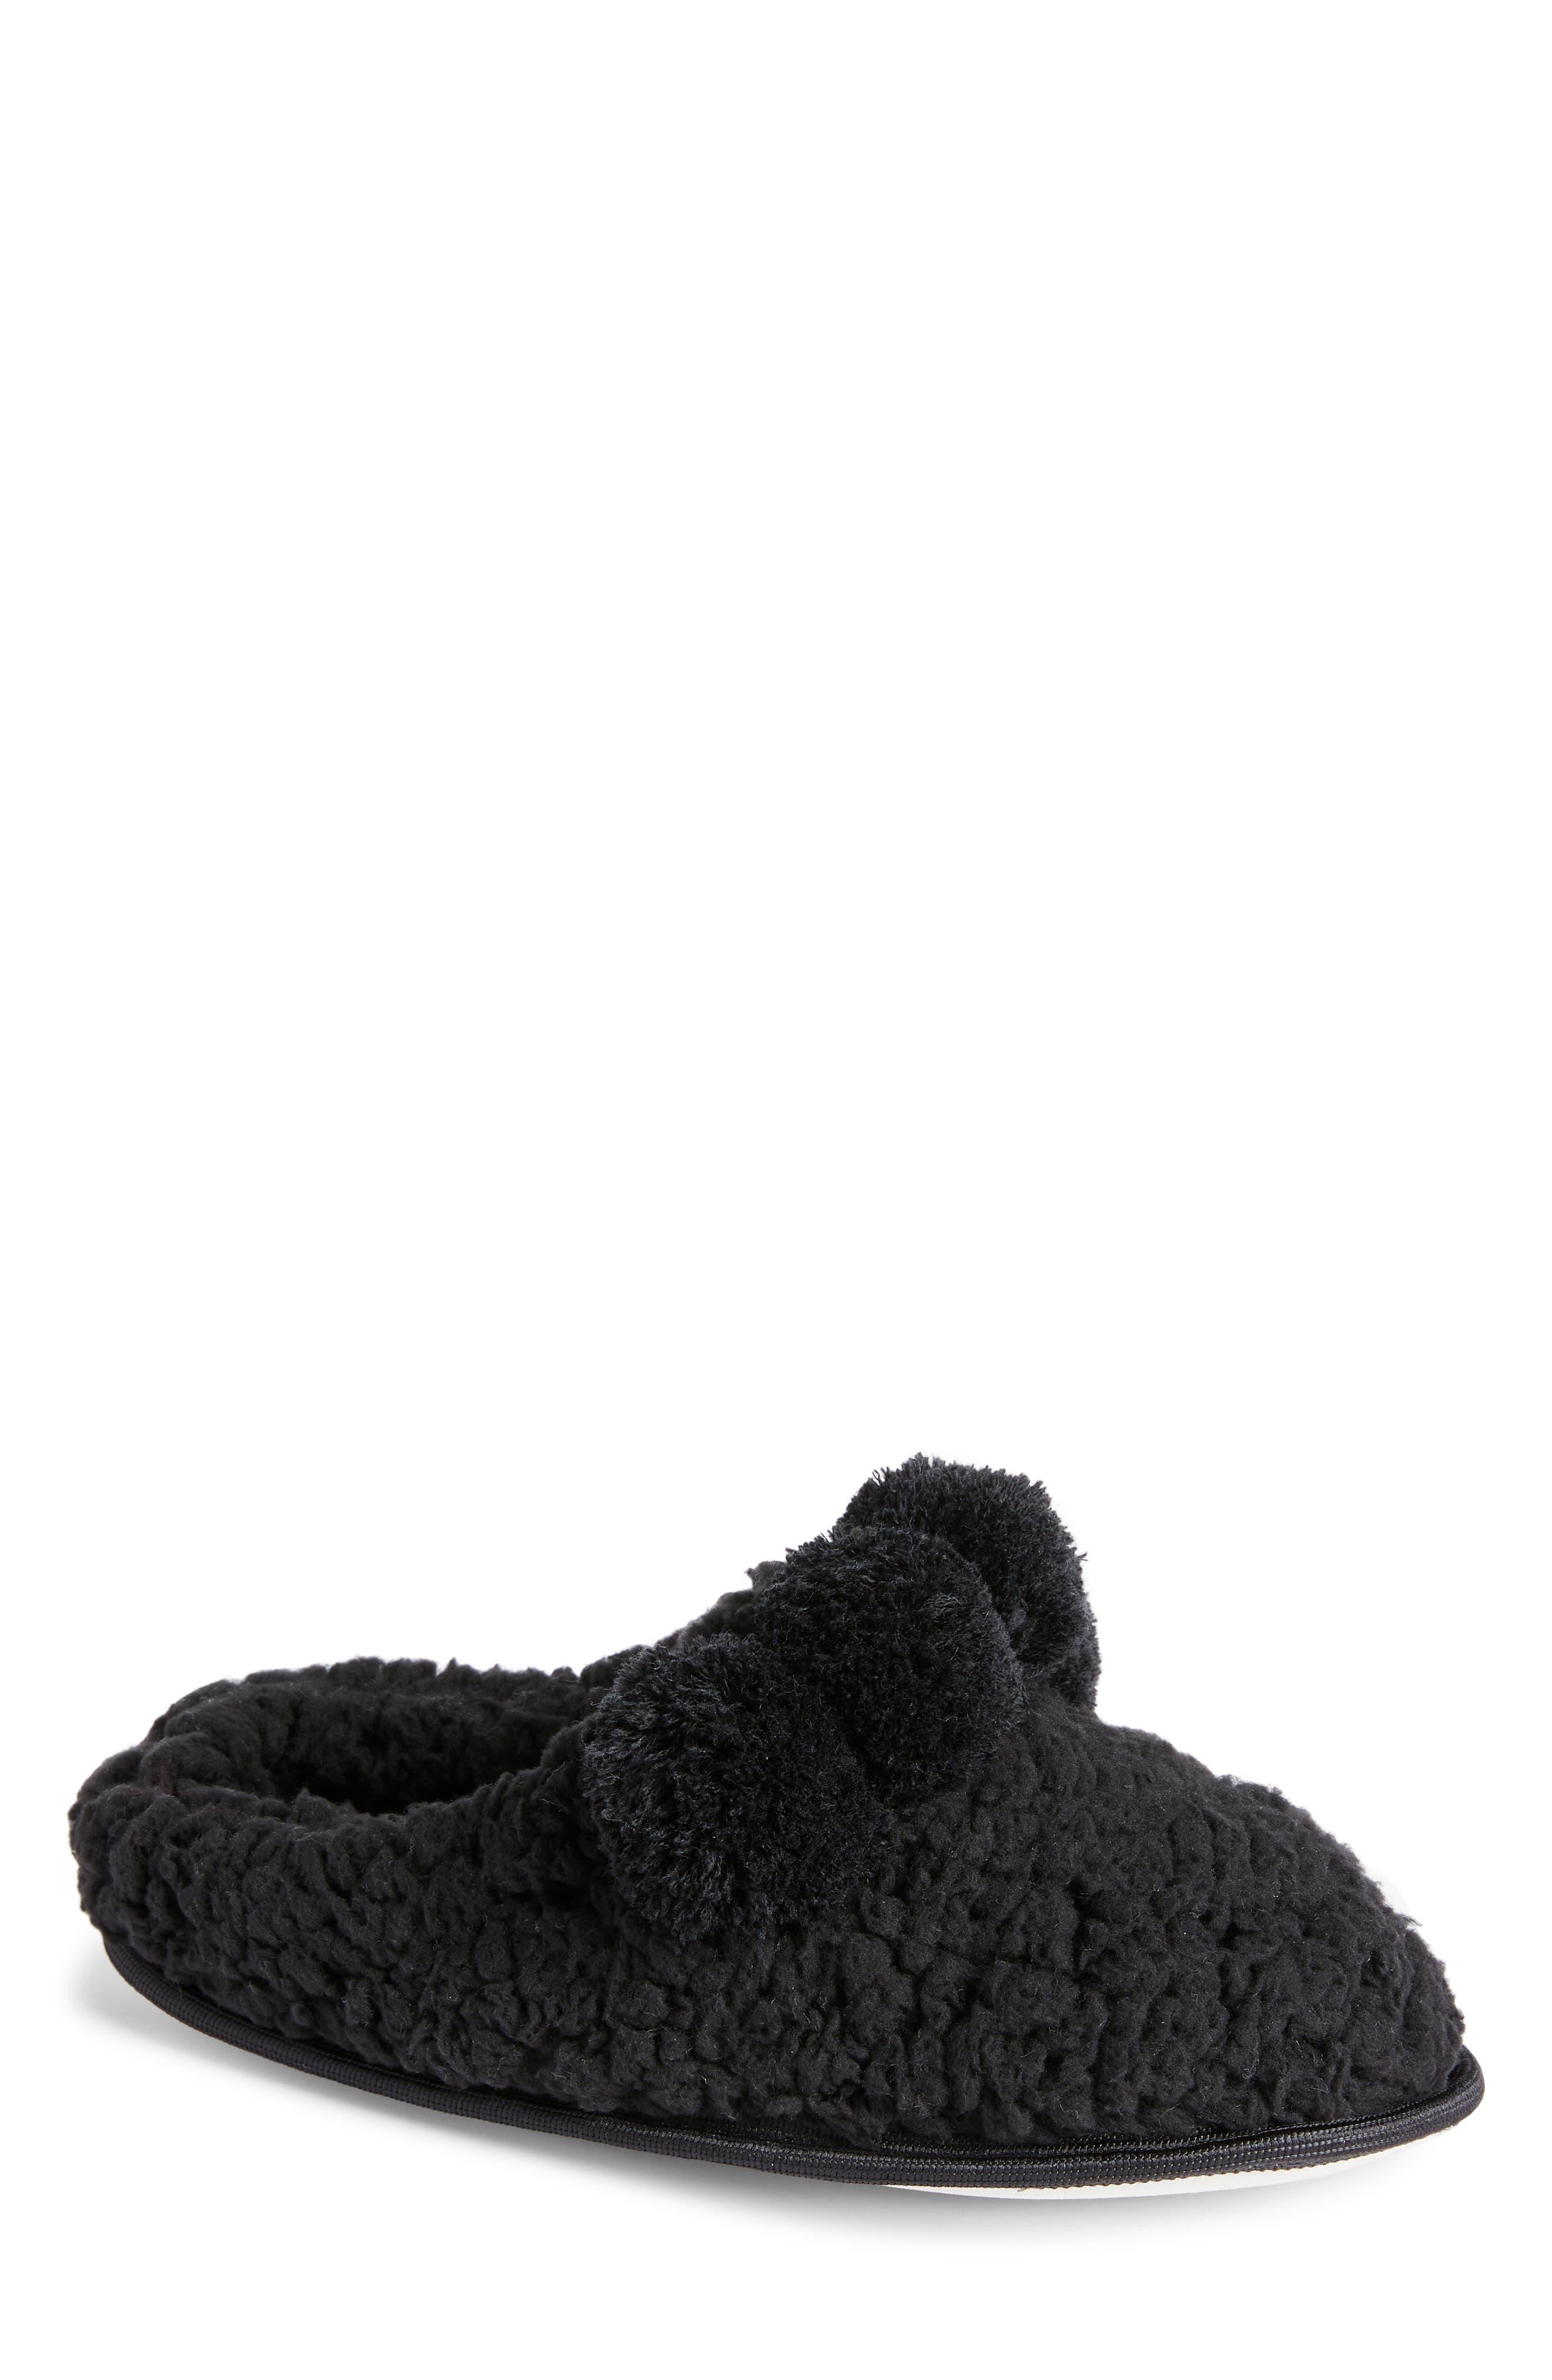 Pom Faux Shearling Scruff Slipper,                         Main,                         color, BLACK MULTI